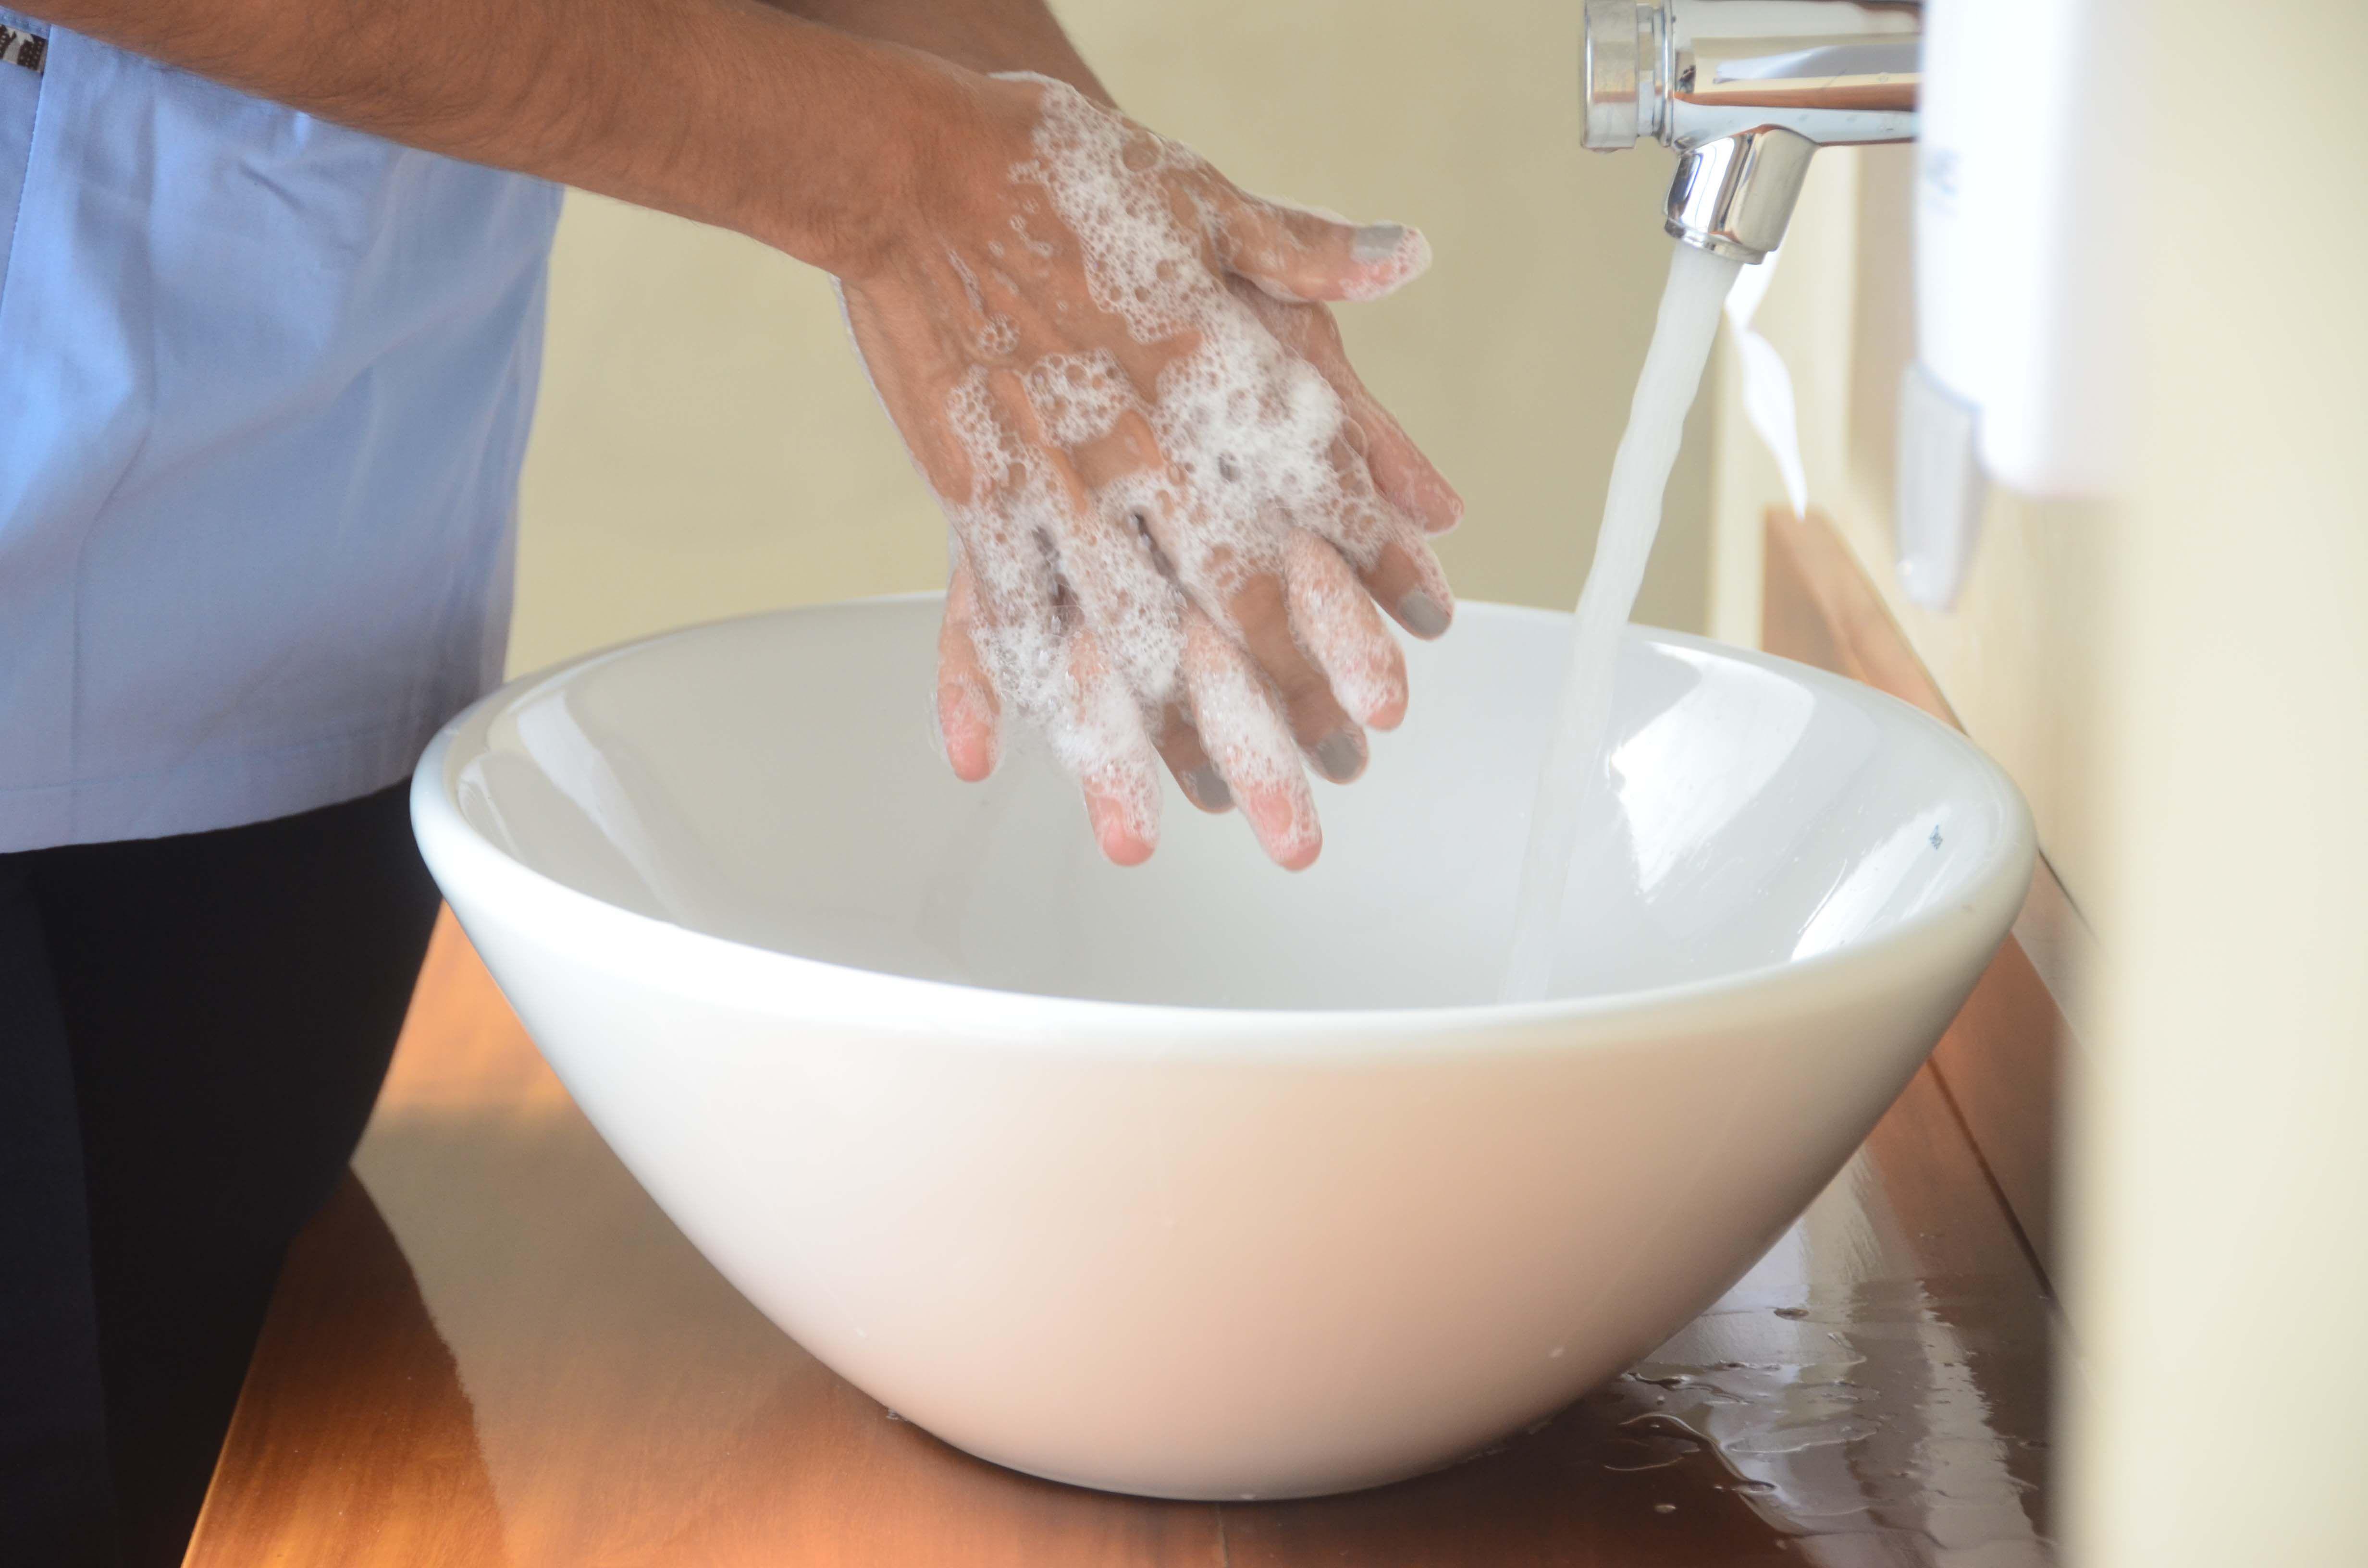 Las medidas que adoptamos para la prevención del COVID-19 también impiden la transmisión de los virus que causan resfrío: estornudar y toser en el pliegue del codo y el lavado de manos frecuente son muy importantes (Matías Arbotto)